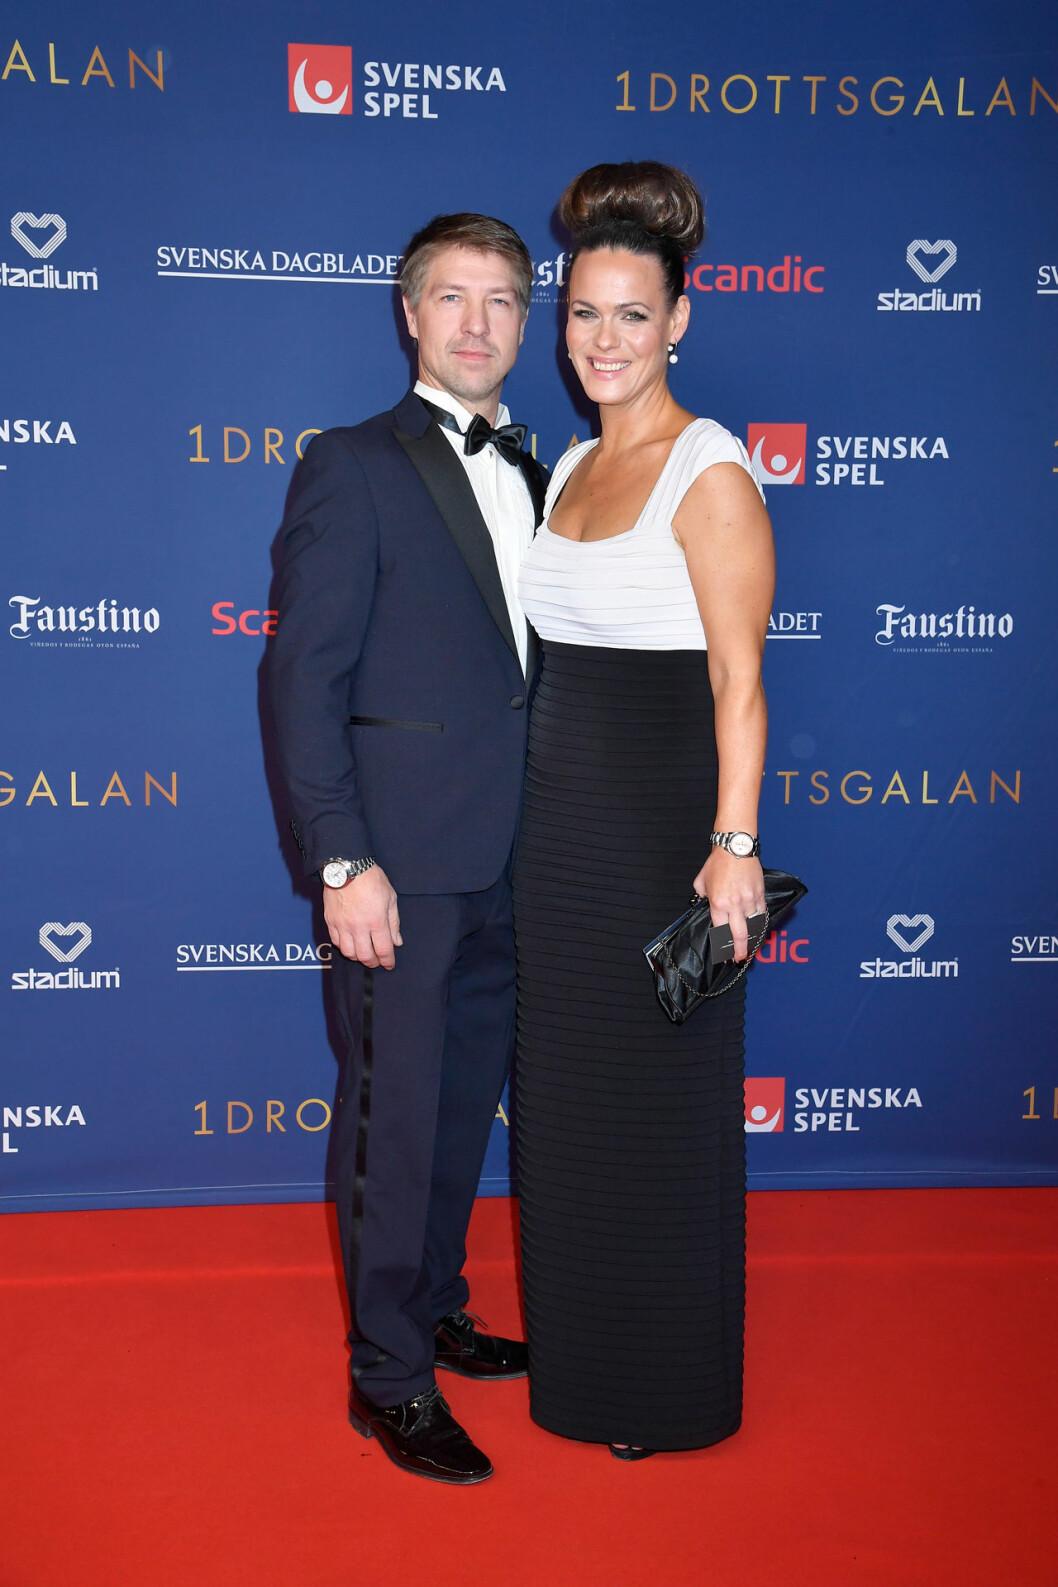 Suzanne Sjögren och Pontus Westergren på röda mattan på Idrottsgalan 2020